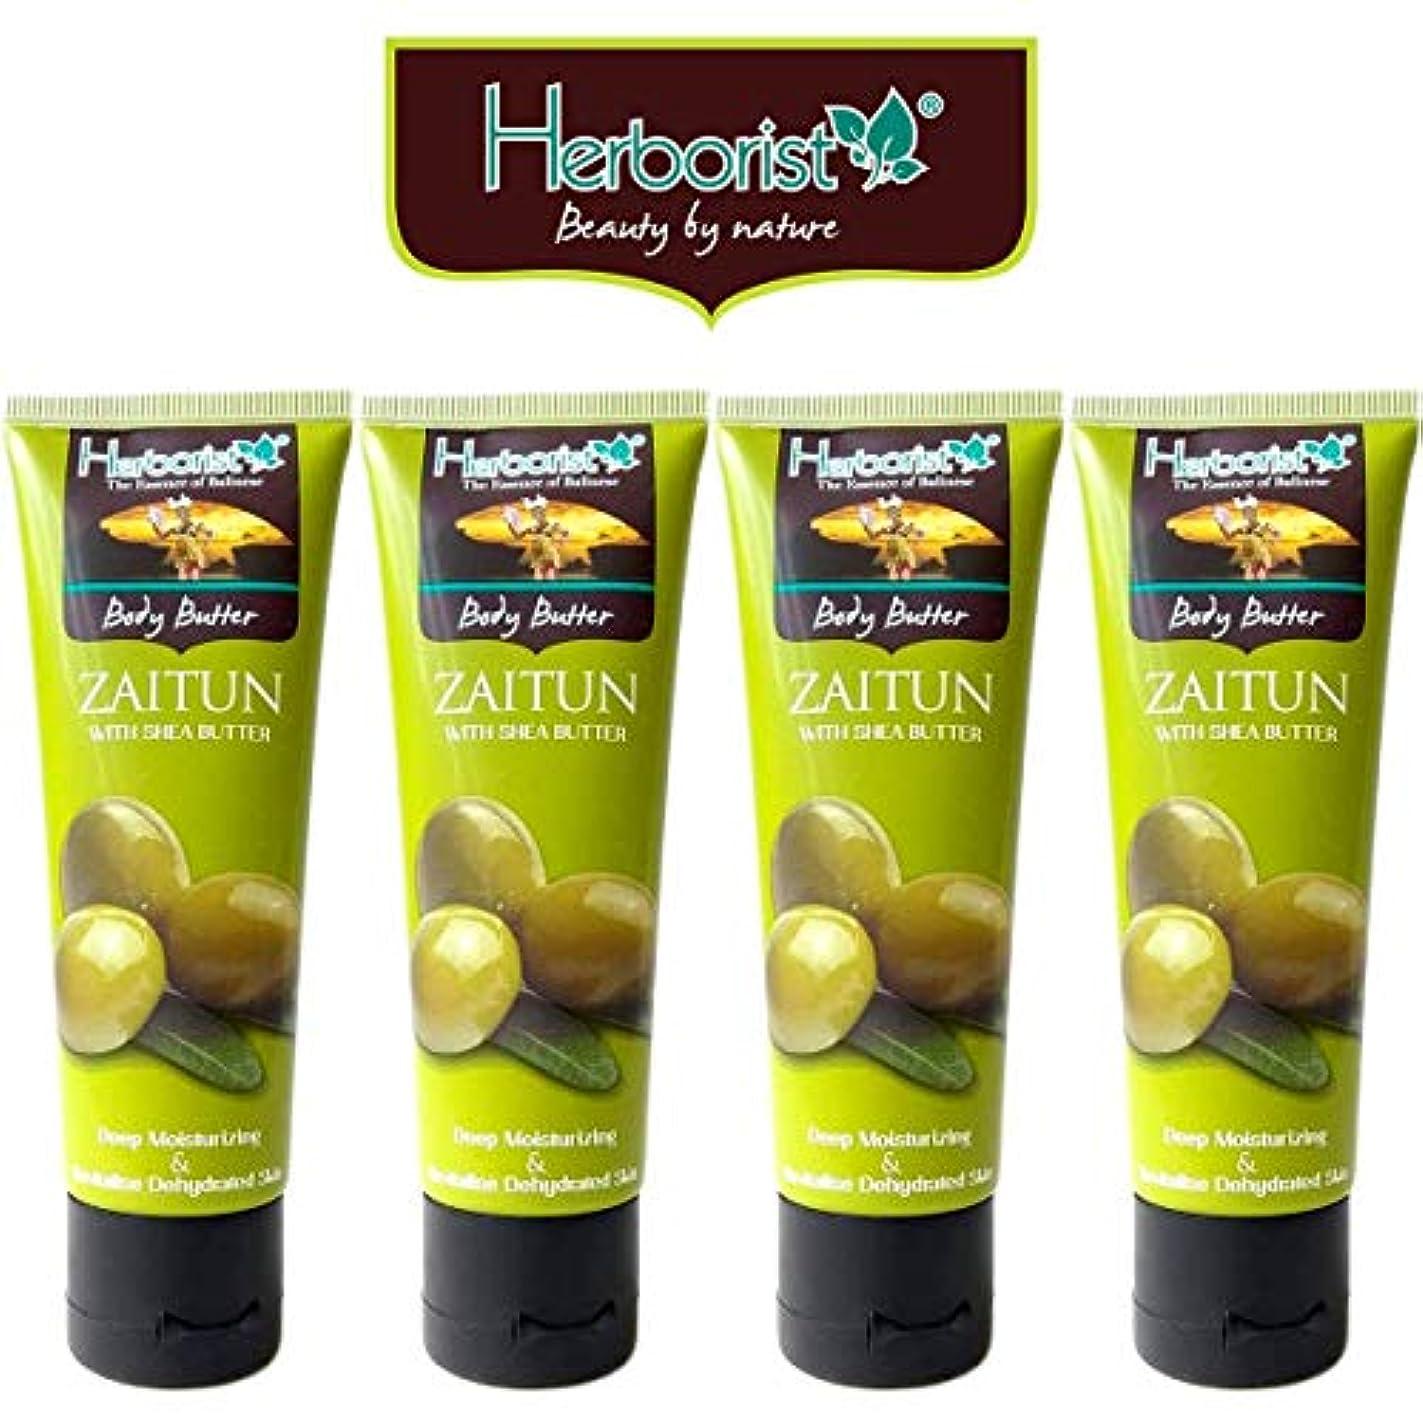 日食超えてアーサーHerborist ハーボリスト Body Butter ボディバター バリスイーツの香り シアバター配合 80g×4個セット Olive Zaitun オリーブ [海外直送品]